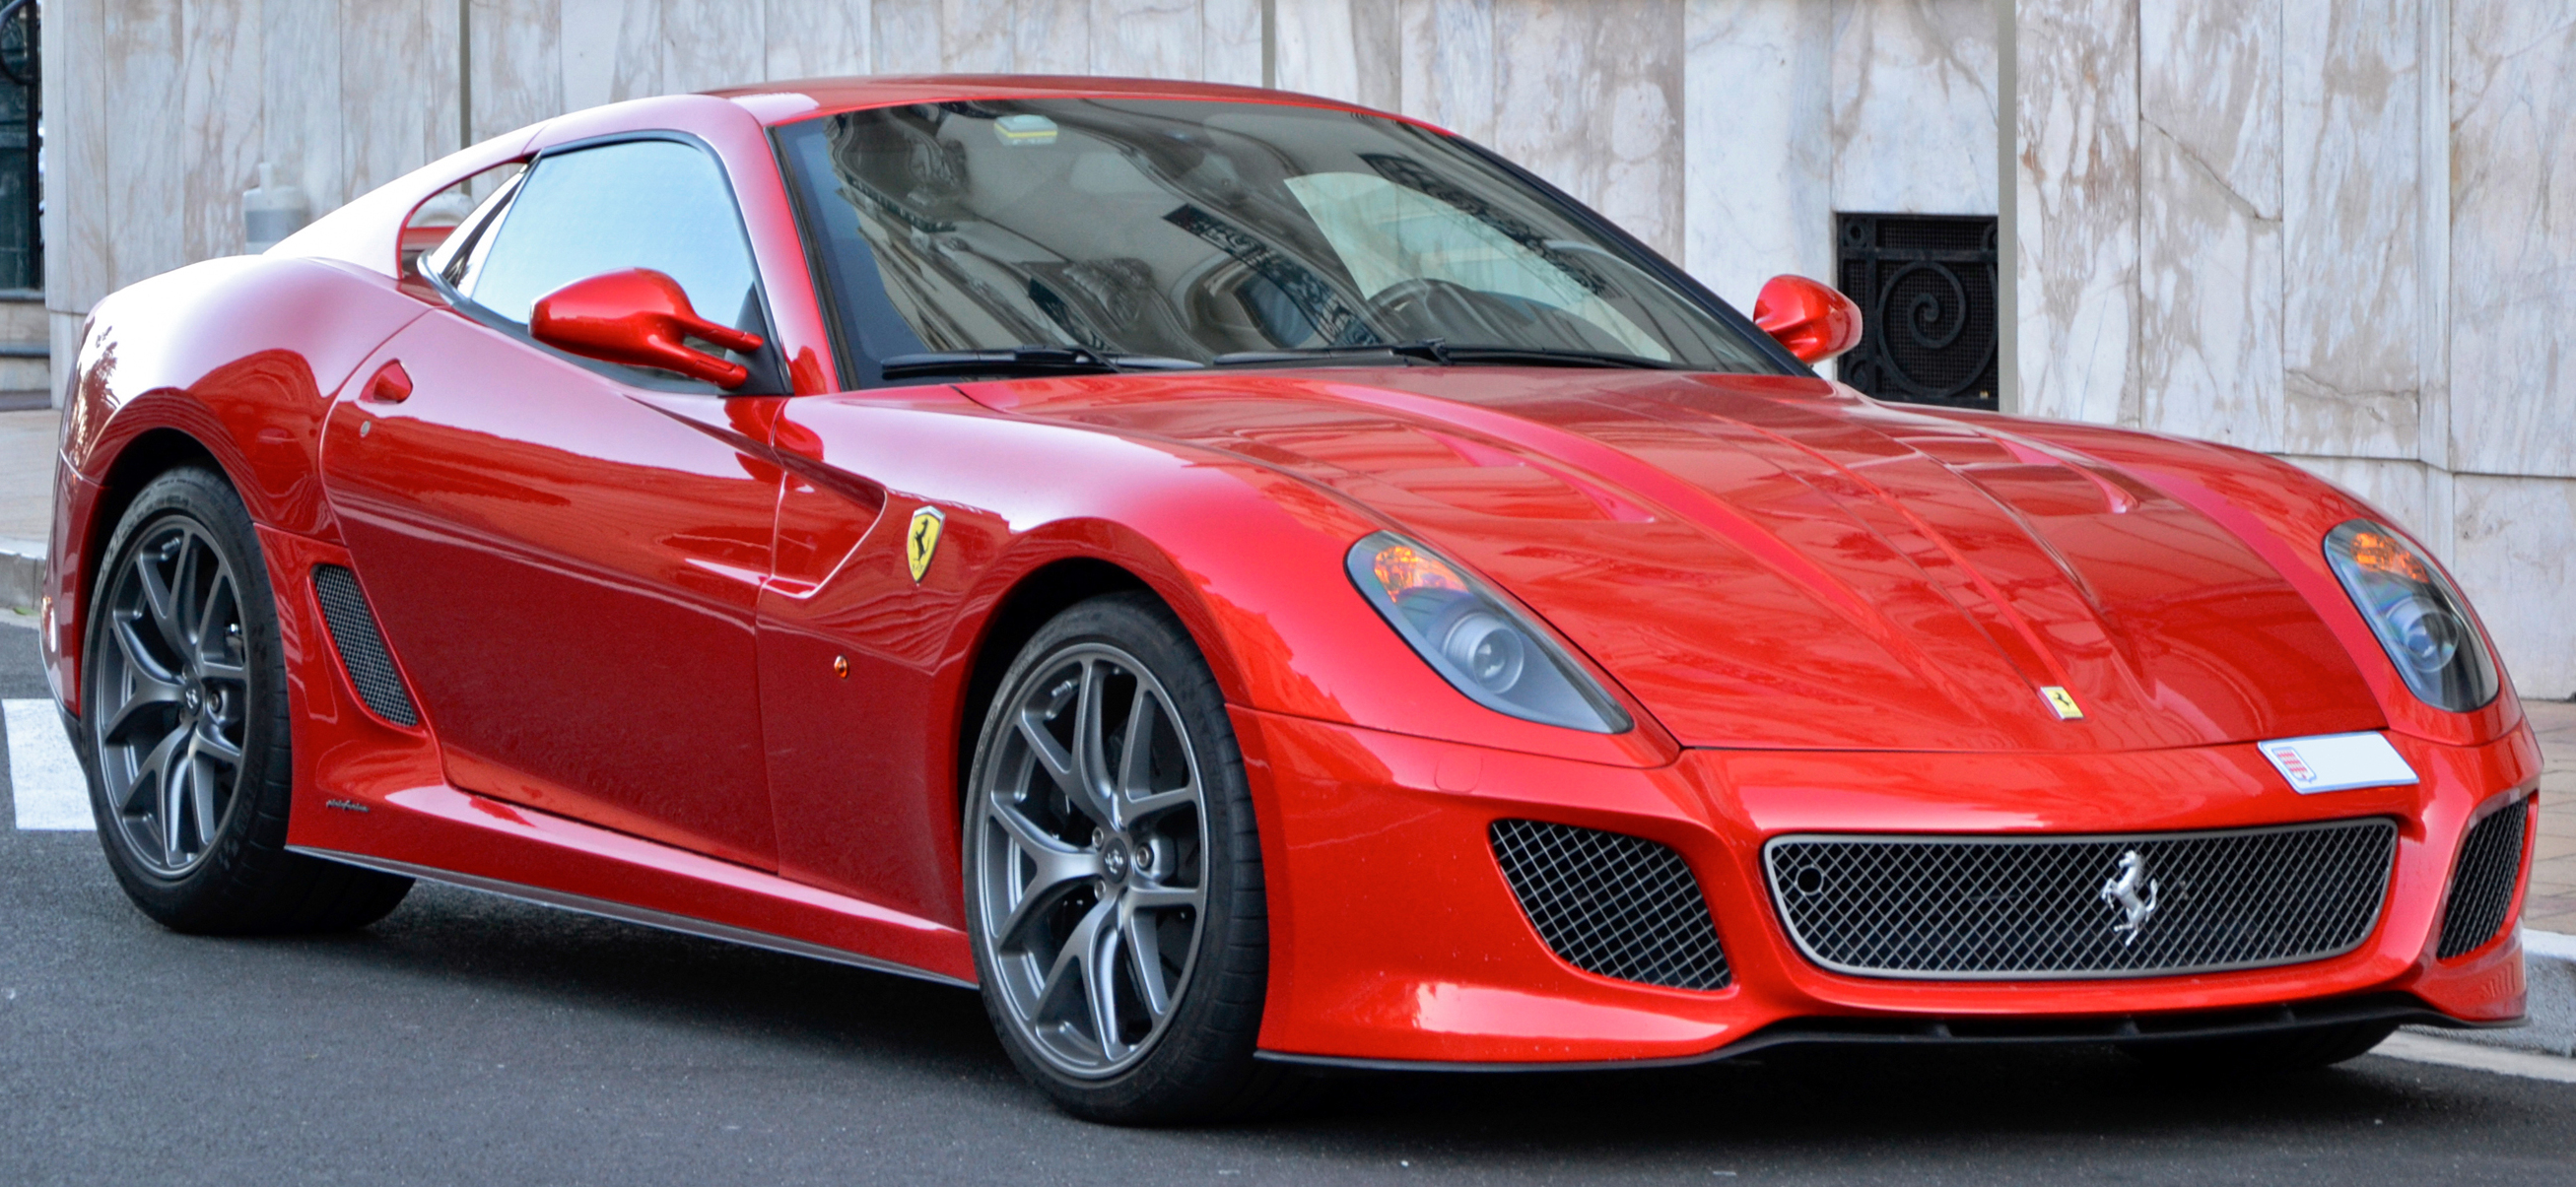 File Ferrari 599 Gto Flickr Alexandre Prevot 12 Cropped Jpg Wikimedia Commons